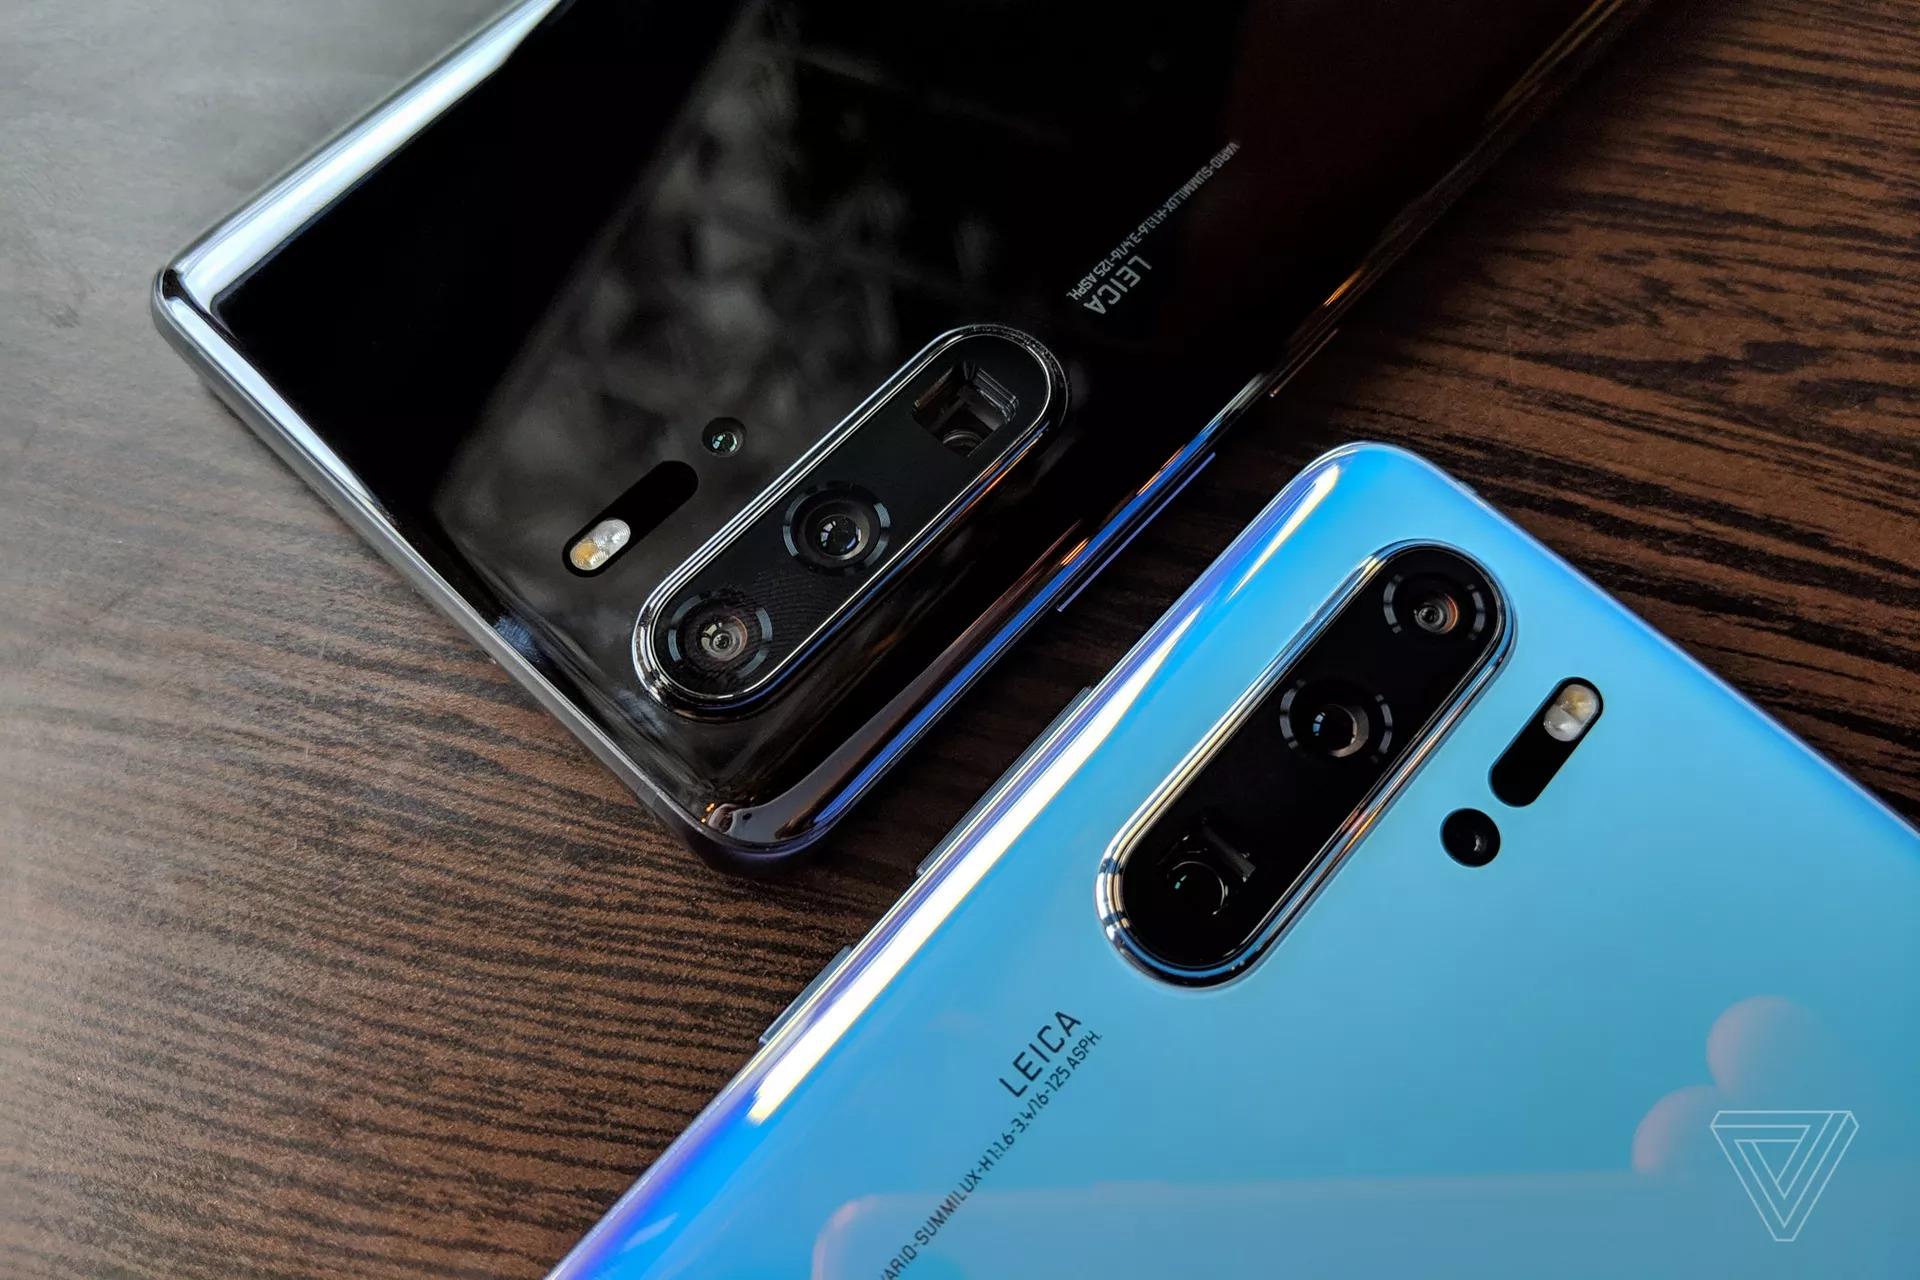 Sforum - Trang thông tin công nghệ mới nhất nhung-diem-nang-cap-cua-huawei-p30-pro-3 Huawei P30 Pro, Galaxy S10+ và iPhone XS Max: Đâu là sự lựa chọn dành cho bạn?